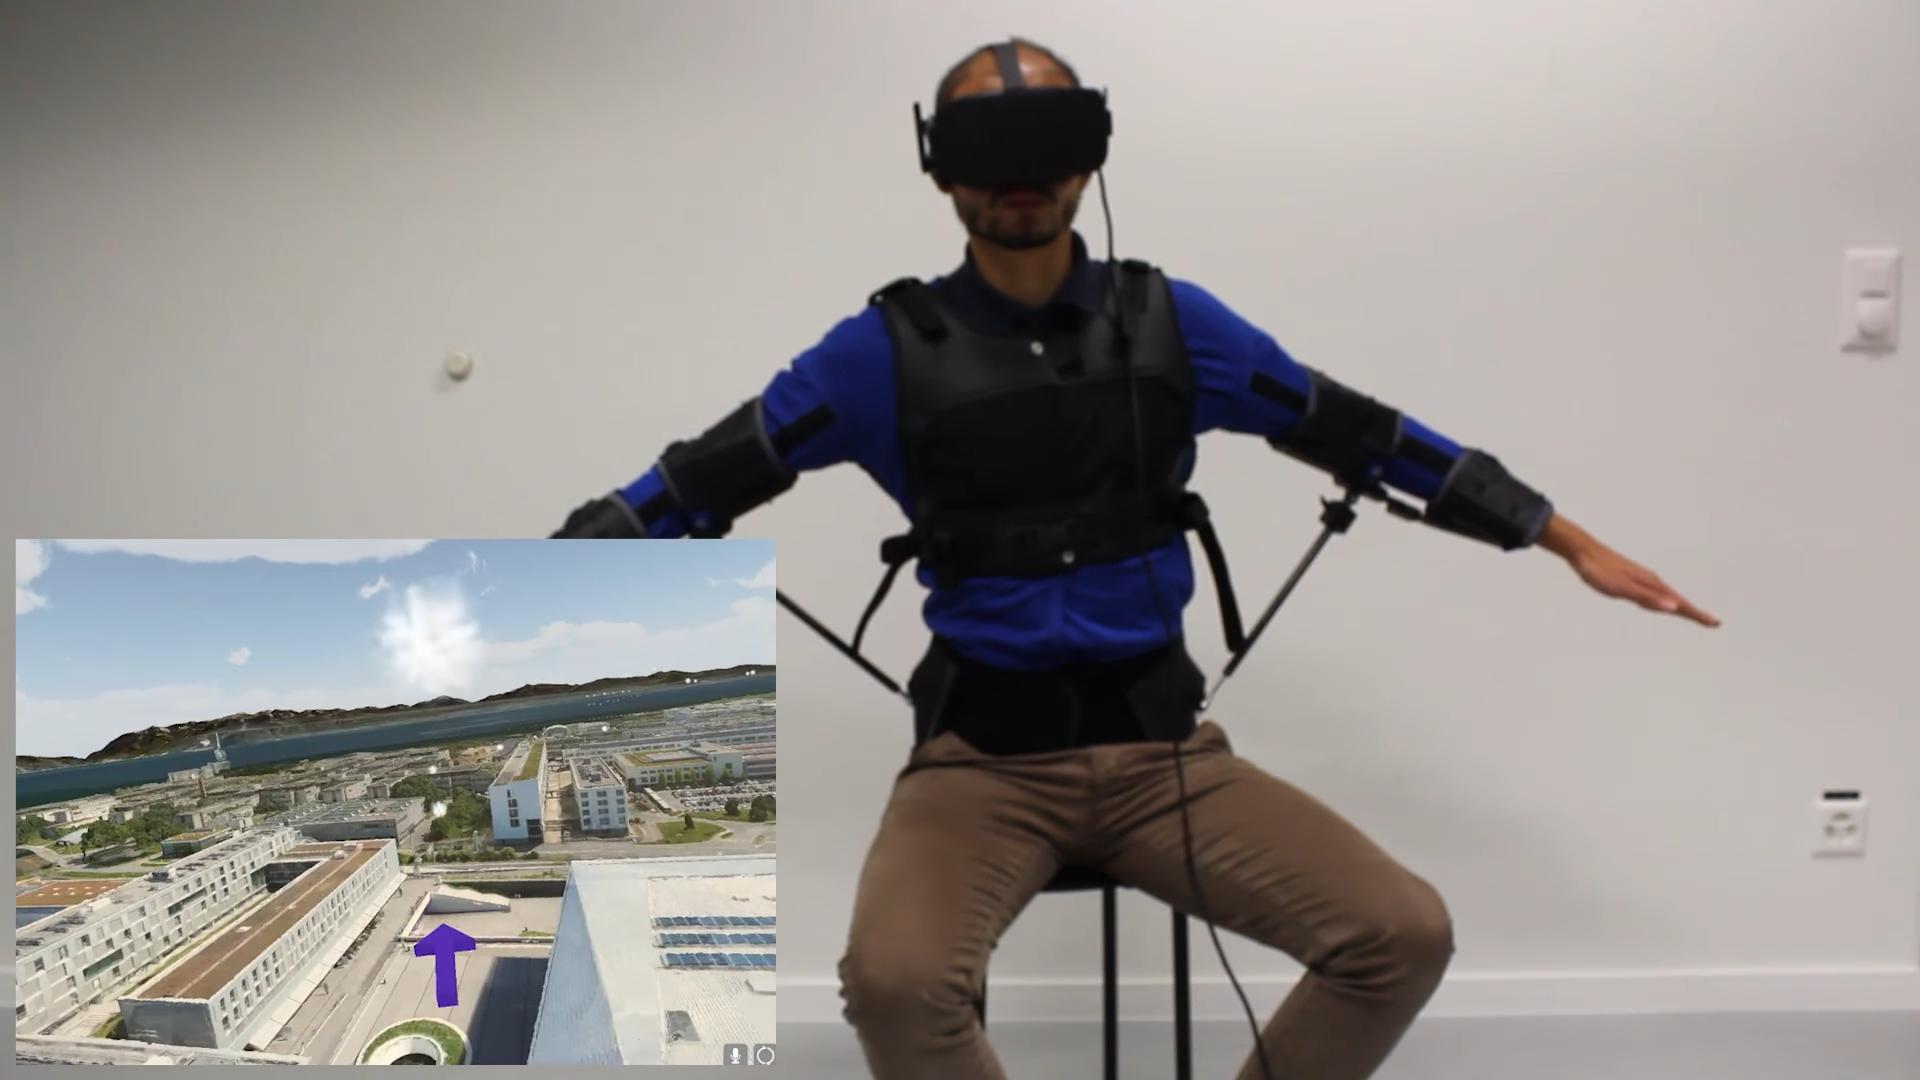 Исследователи создали экзокостюм для управления дроном движениями туловища